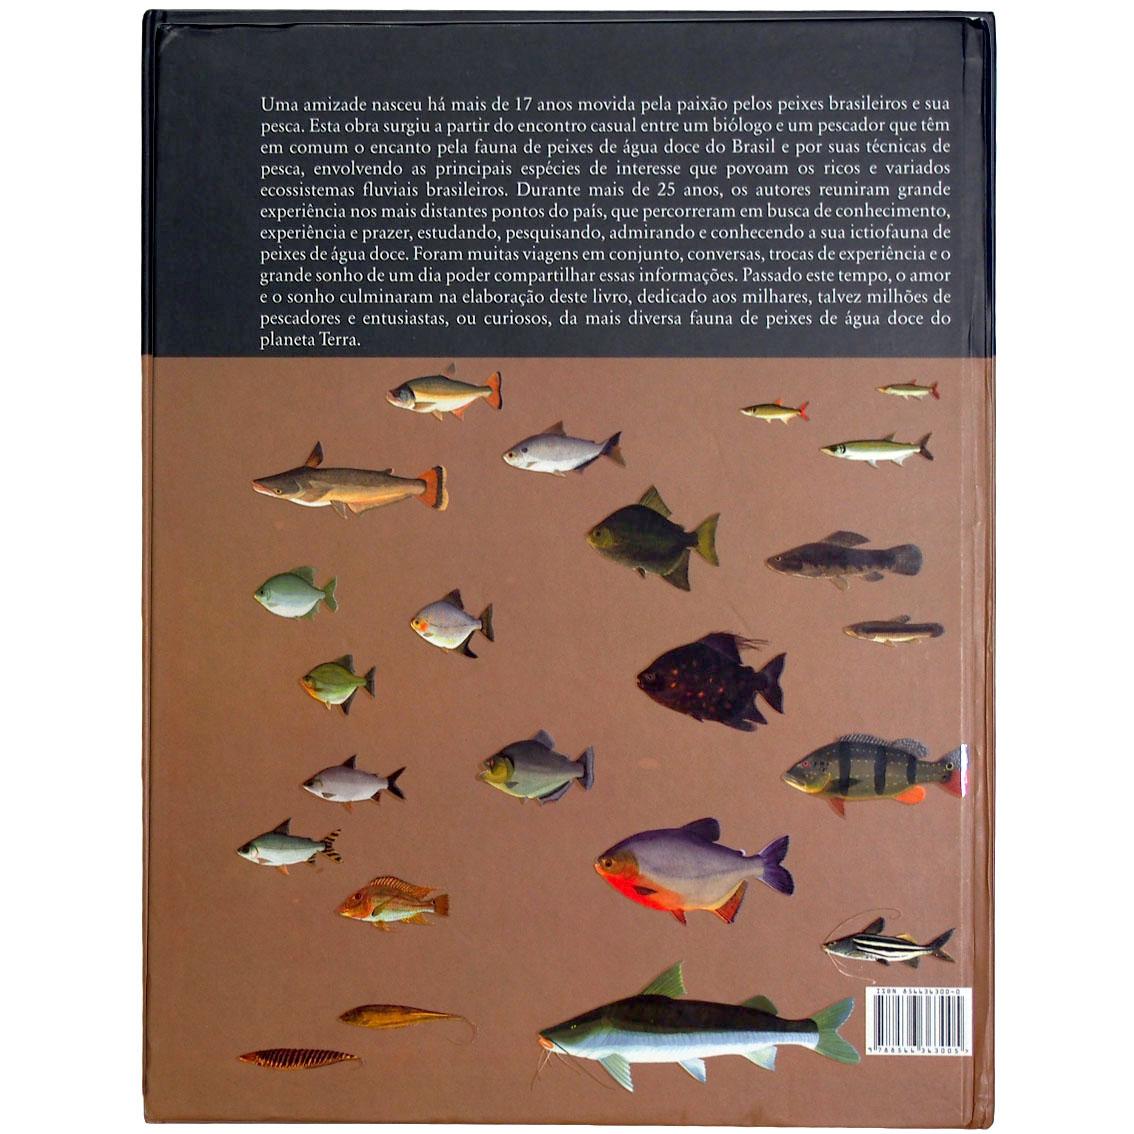 Livro Peixes Fluviais do Brasil (Alec Zeinad e Rubinho Prado)